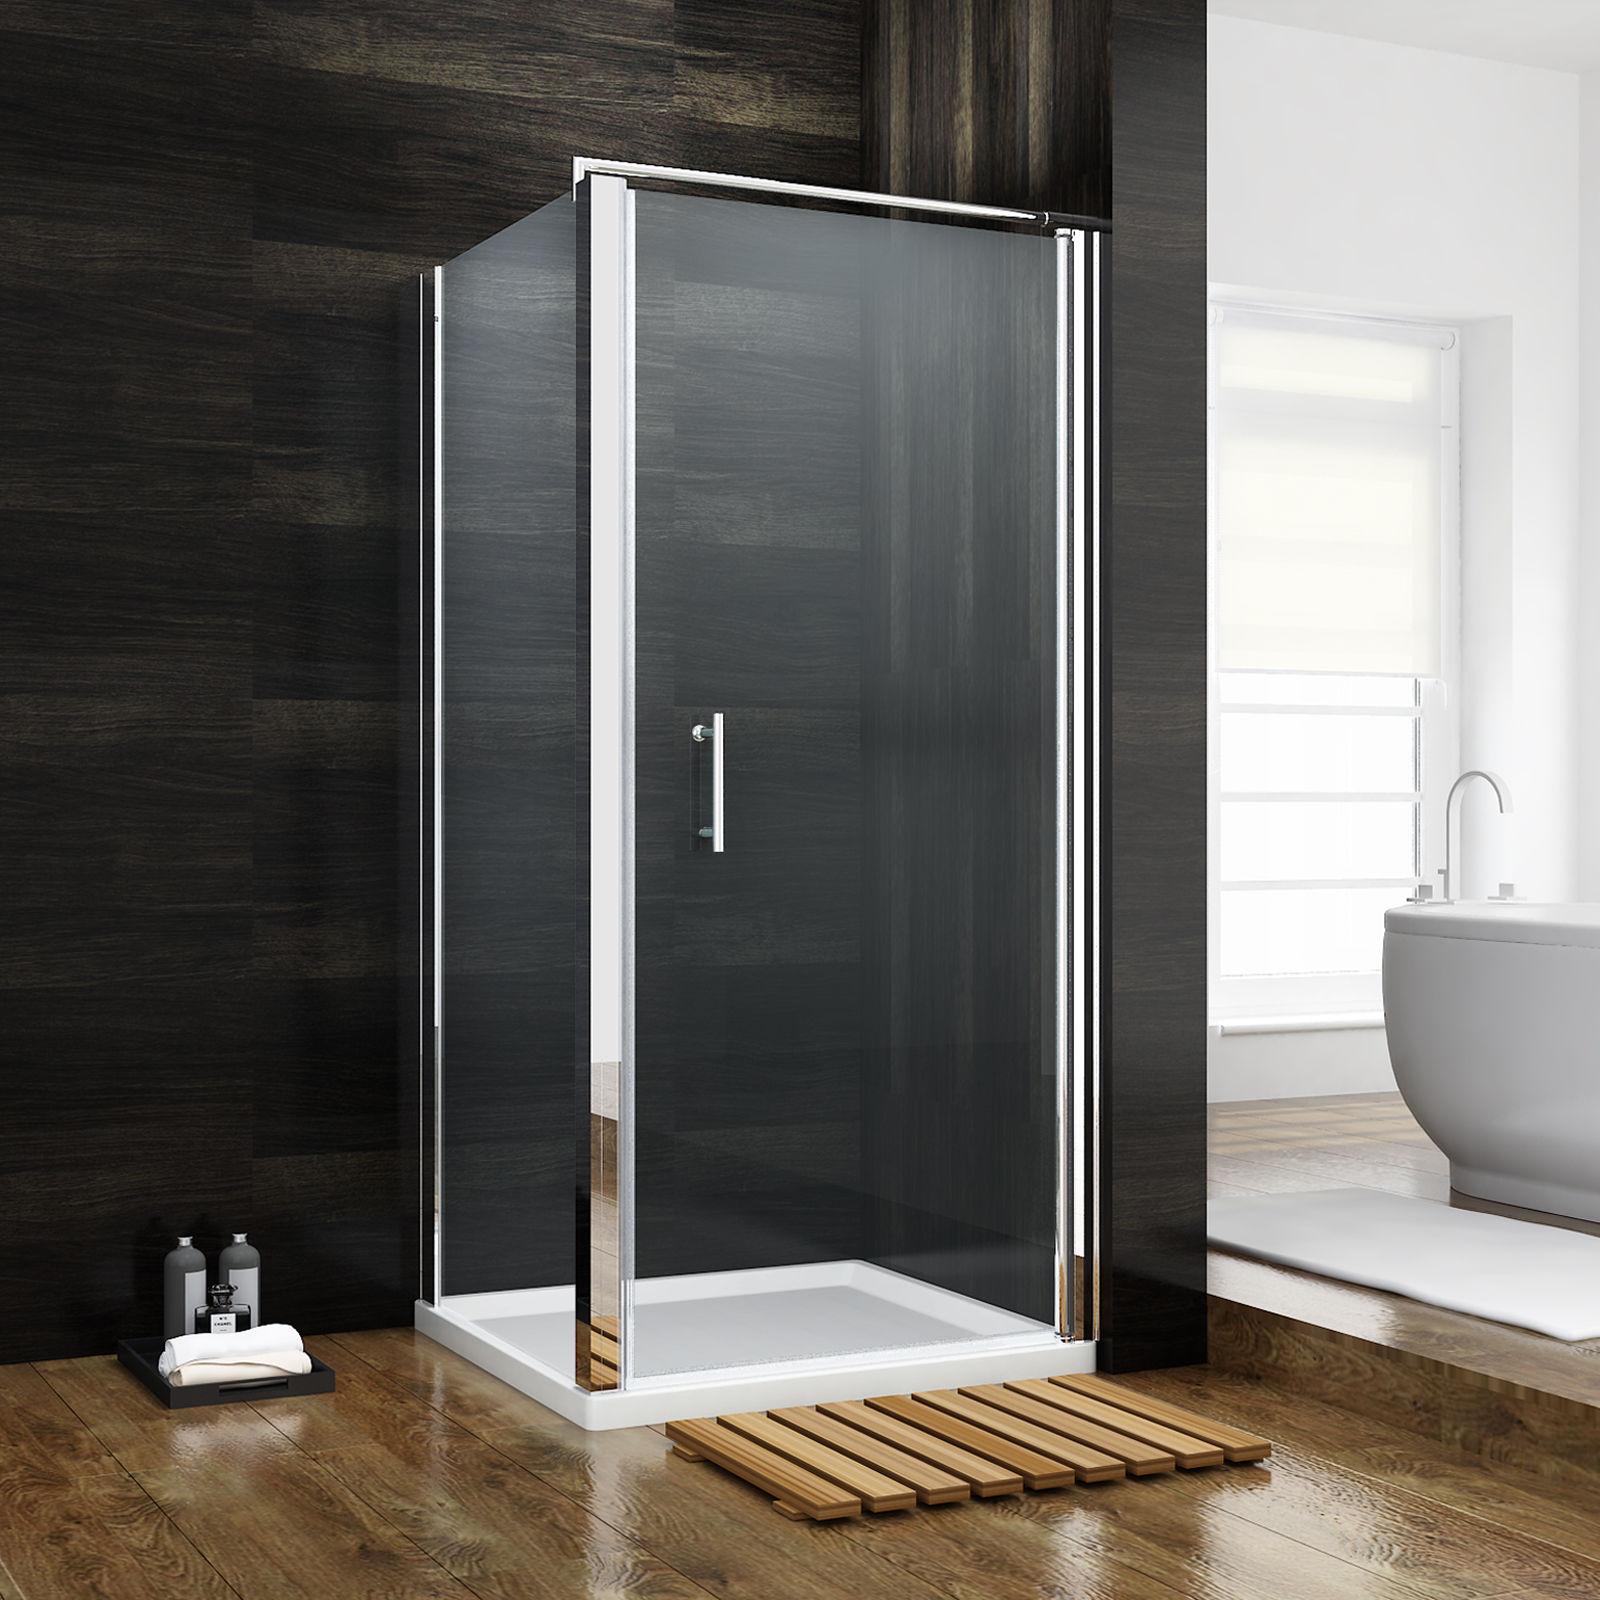 Details About Framed Bathroom Shower Bottom Seal Square Enclosure 90x80cm